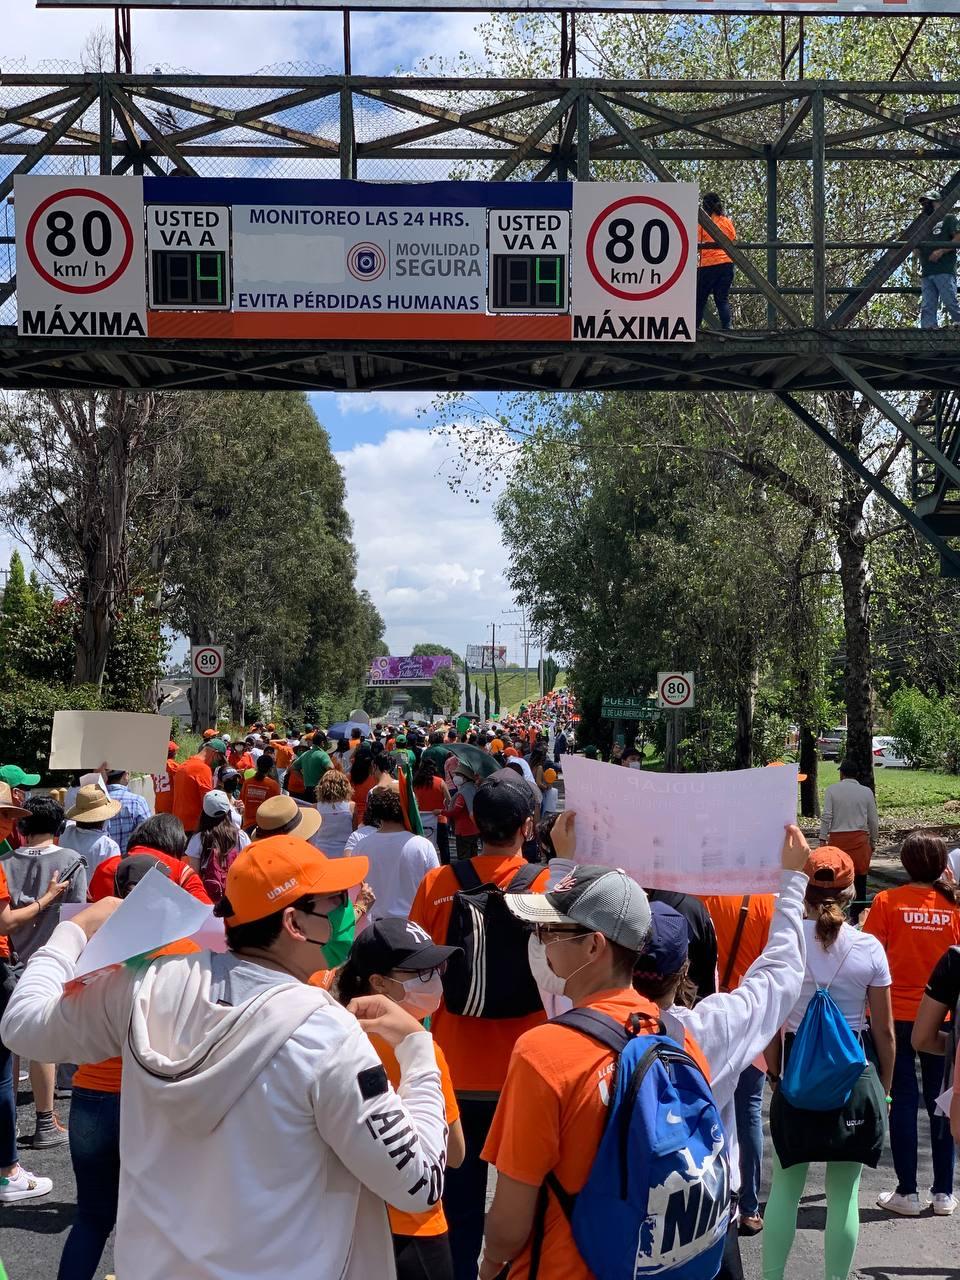 Estudiantes de la UDLAP vuelven a manifestarse para exigir la liberación del campus